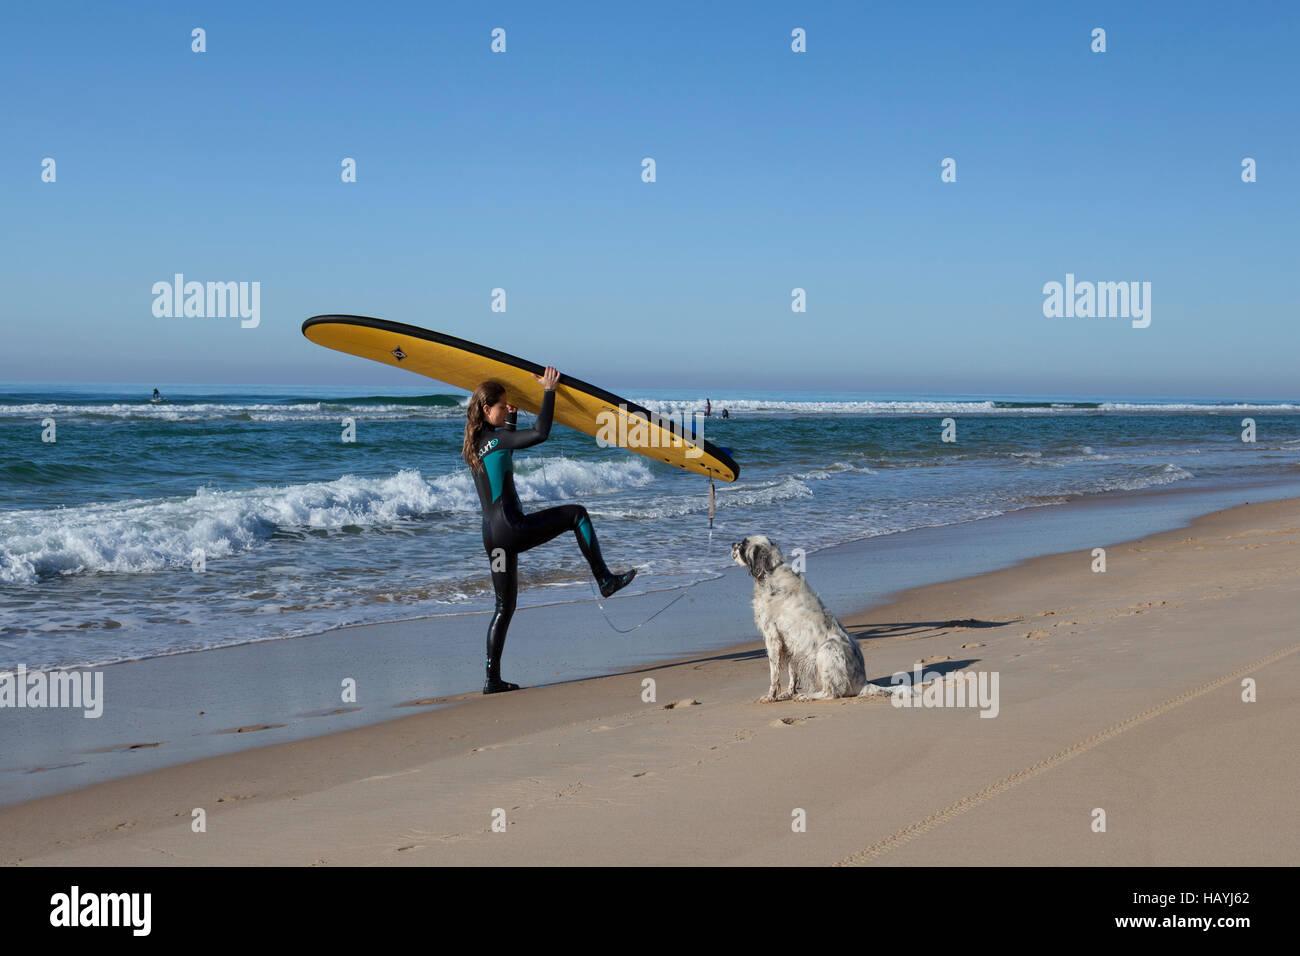 Un surfista femmina in uscita dell'acqua e liberare dal guinzaglio della sua tavola da surf sotto lo sguardo del Foto Stock